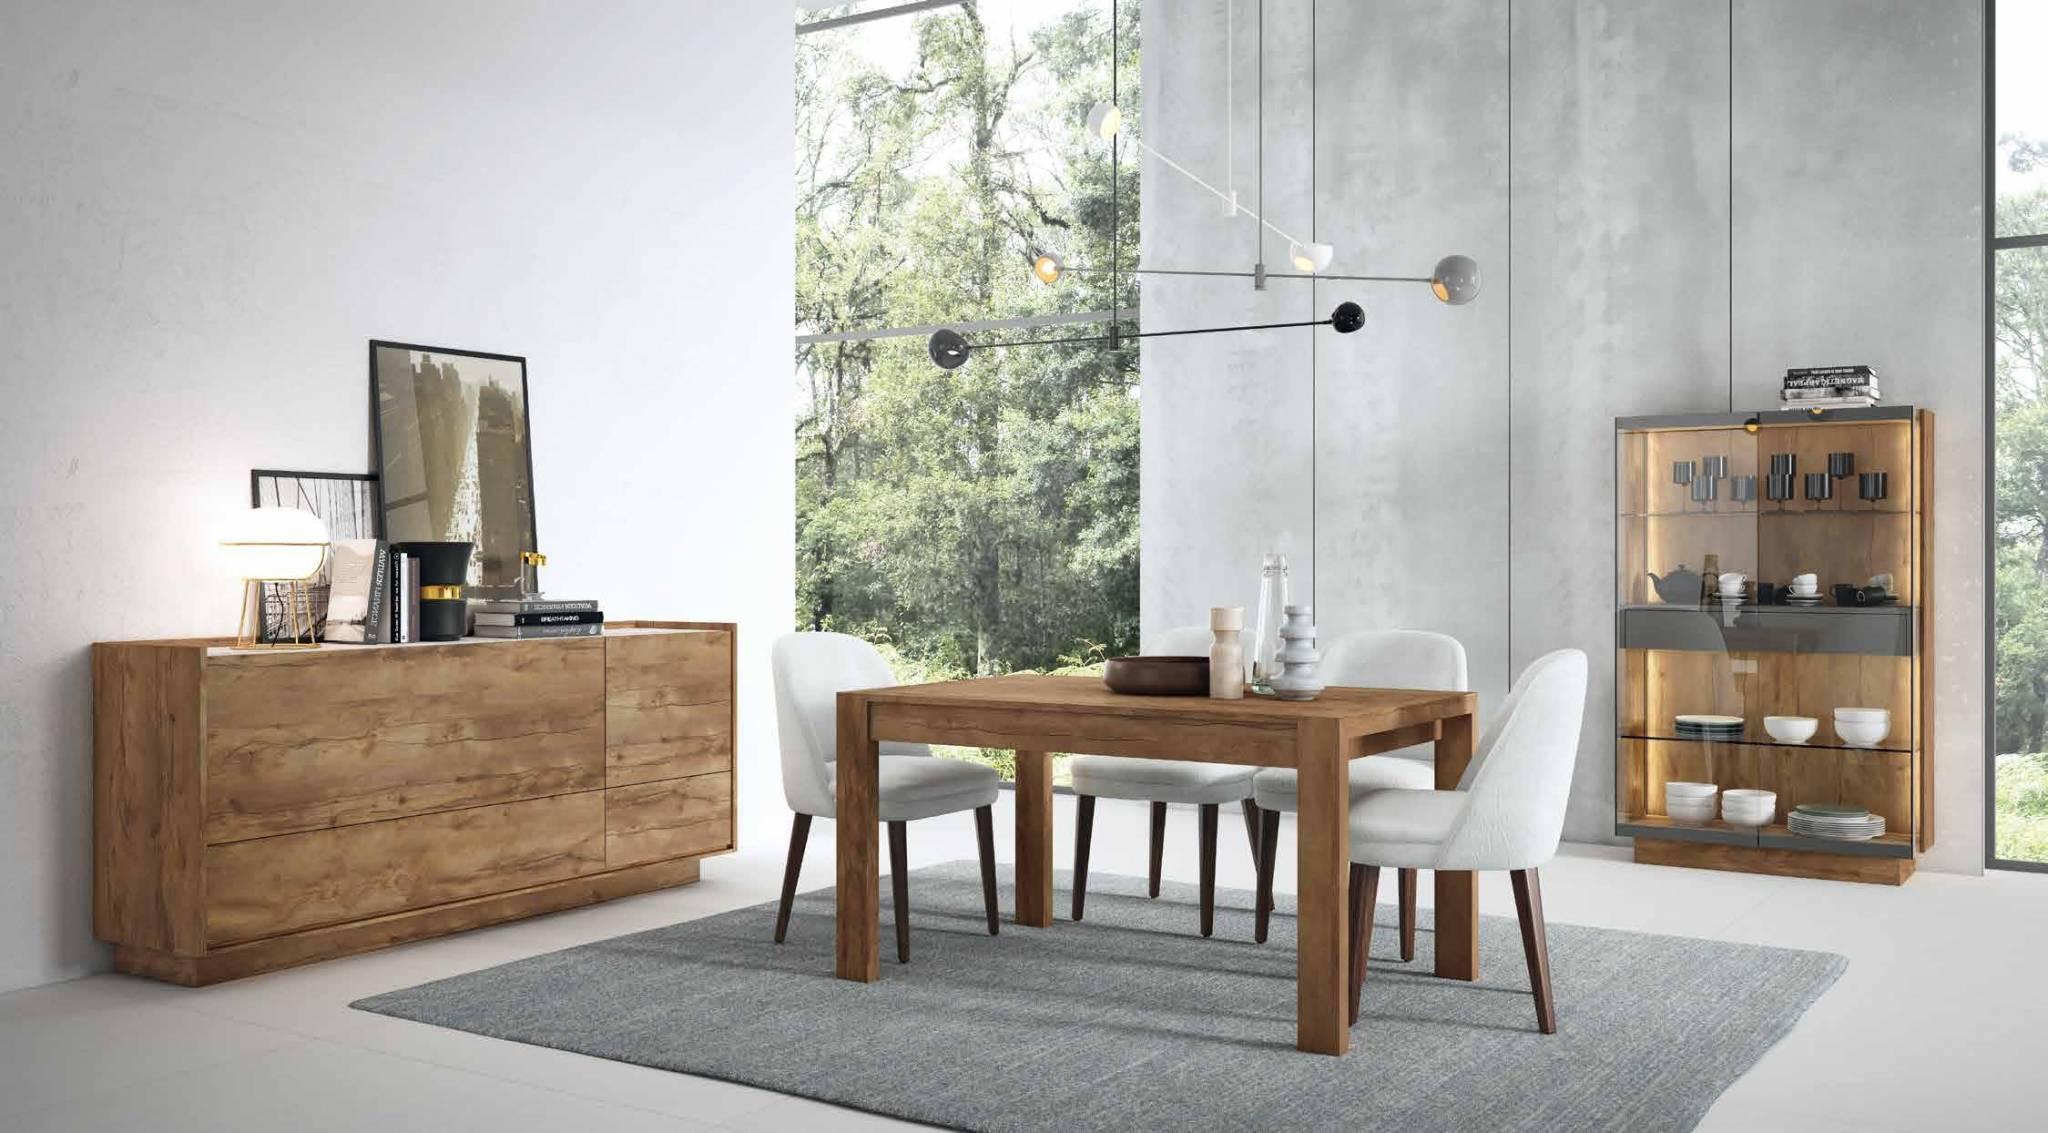 Salón Moderno Zenit P Mueble Salón con Aparador, Vitrina y Mesa en Línea Moderna. Muebles Díaz